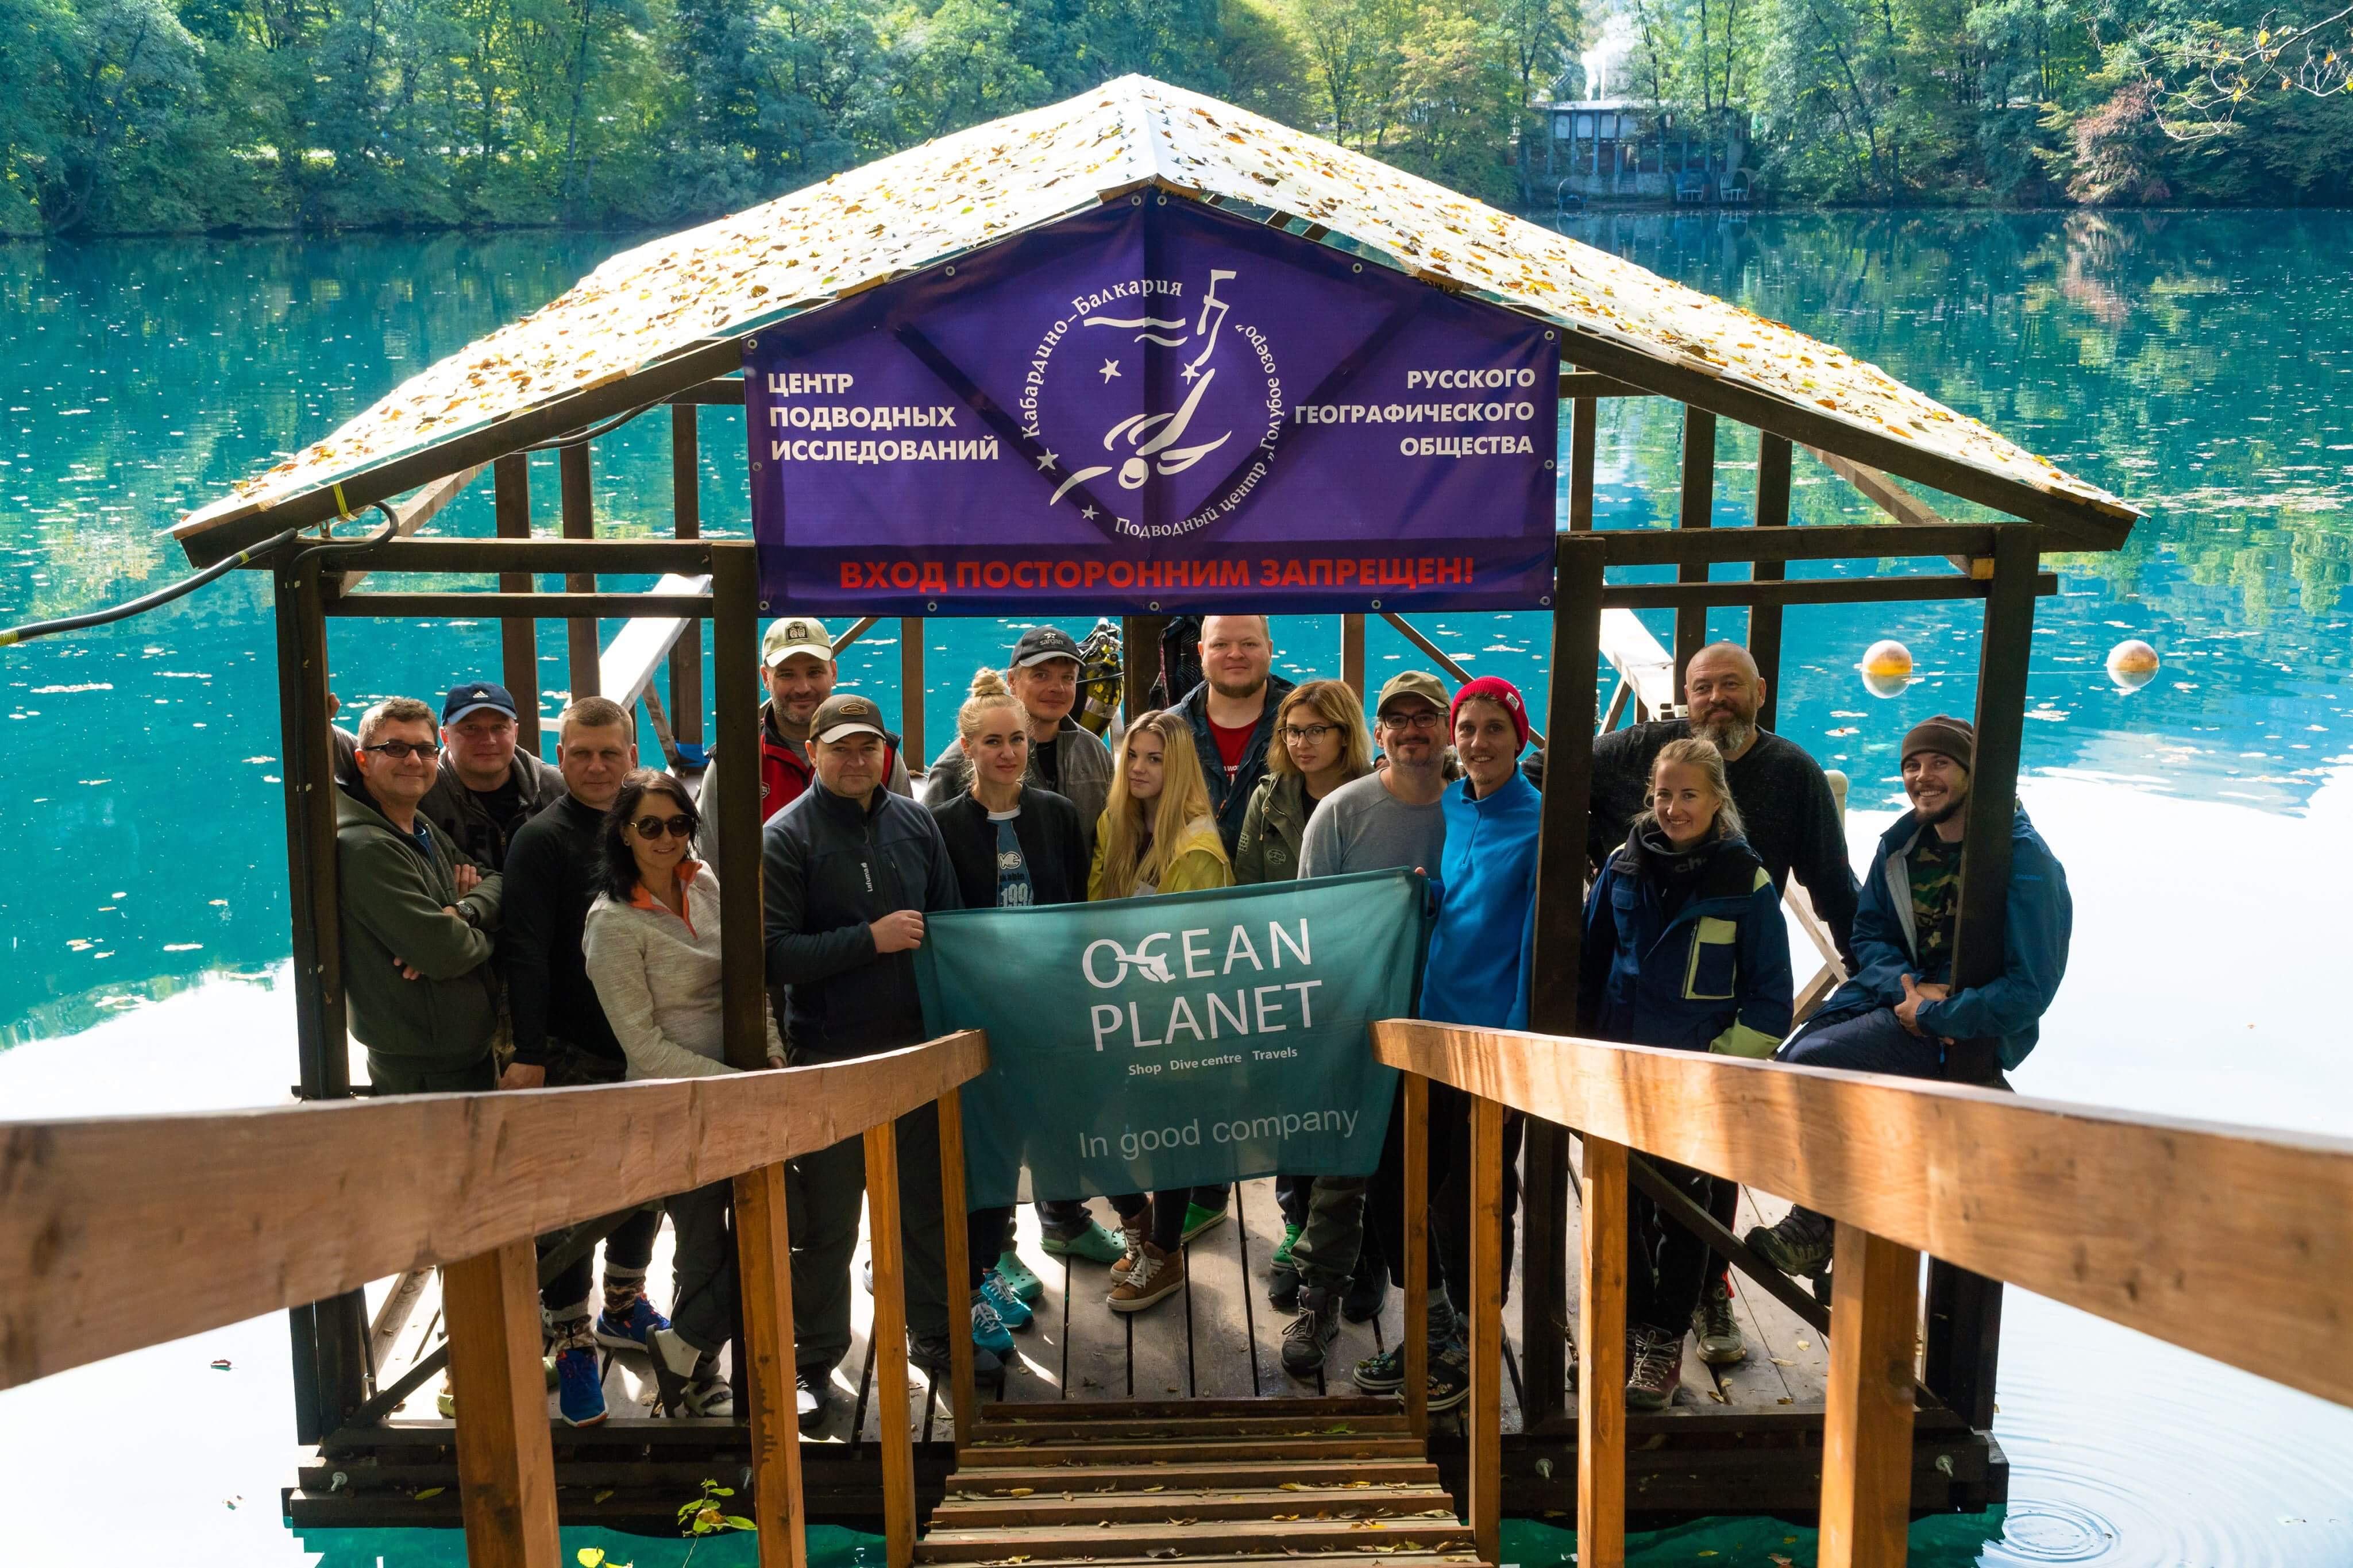 КЛУБНЫЙ ВЫЕЗД  ДЦ OCEAN PLANET г. Самара на Голубое озеро КБР, сентябрь 2018 год